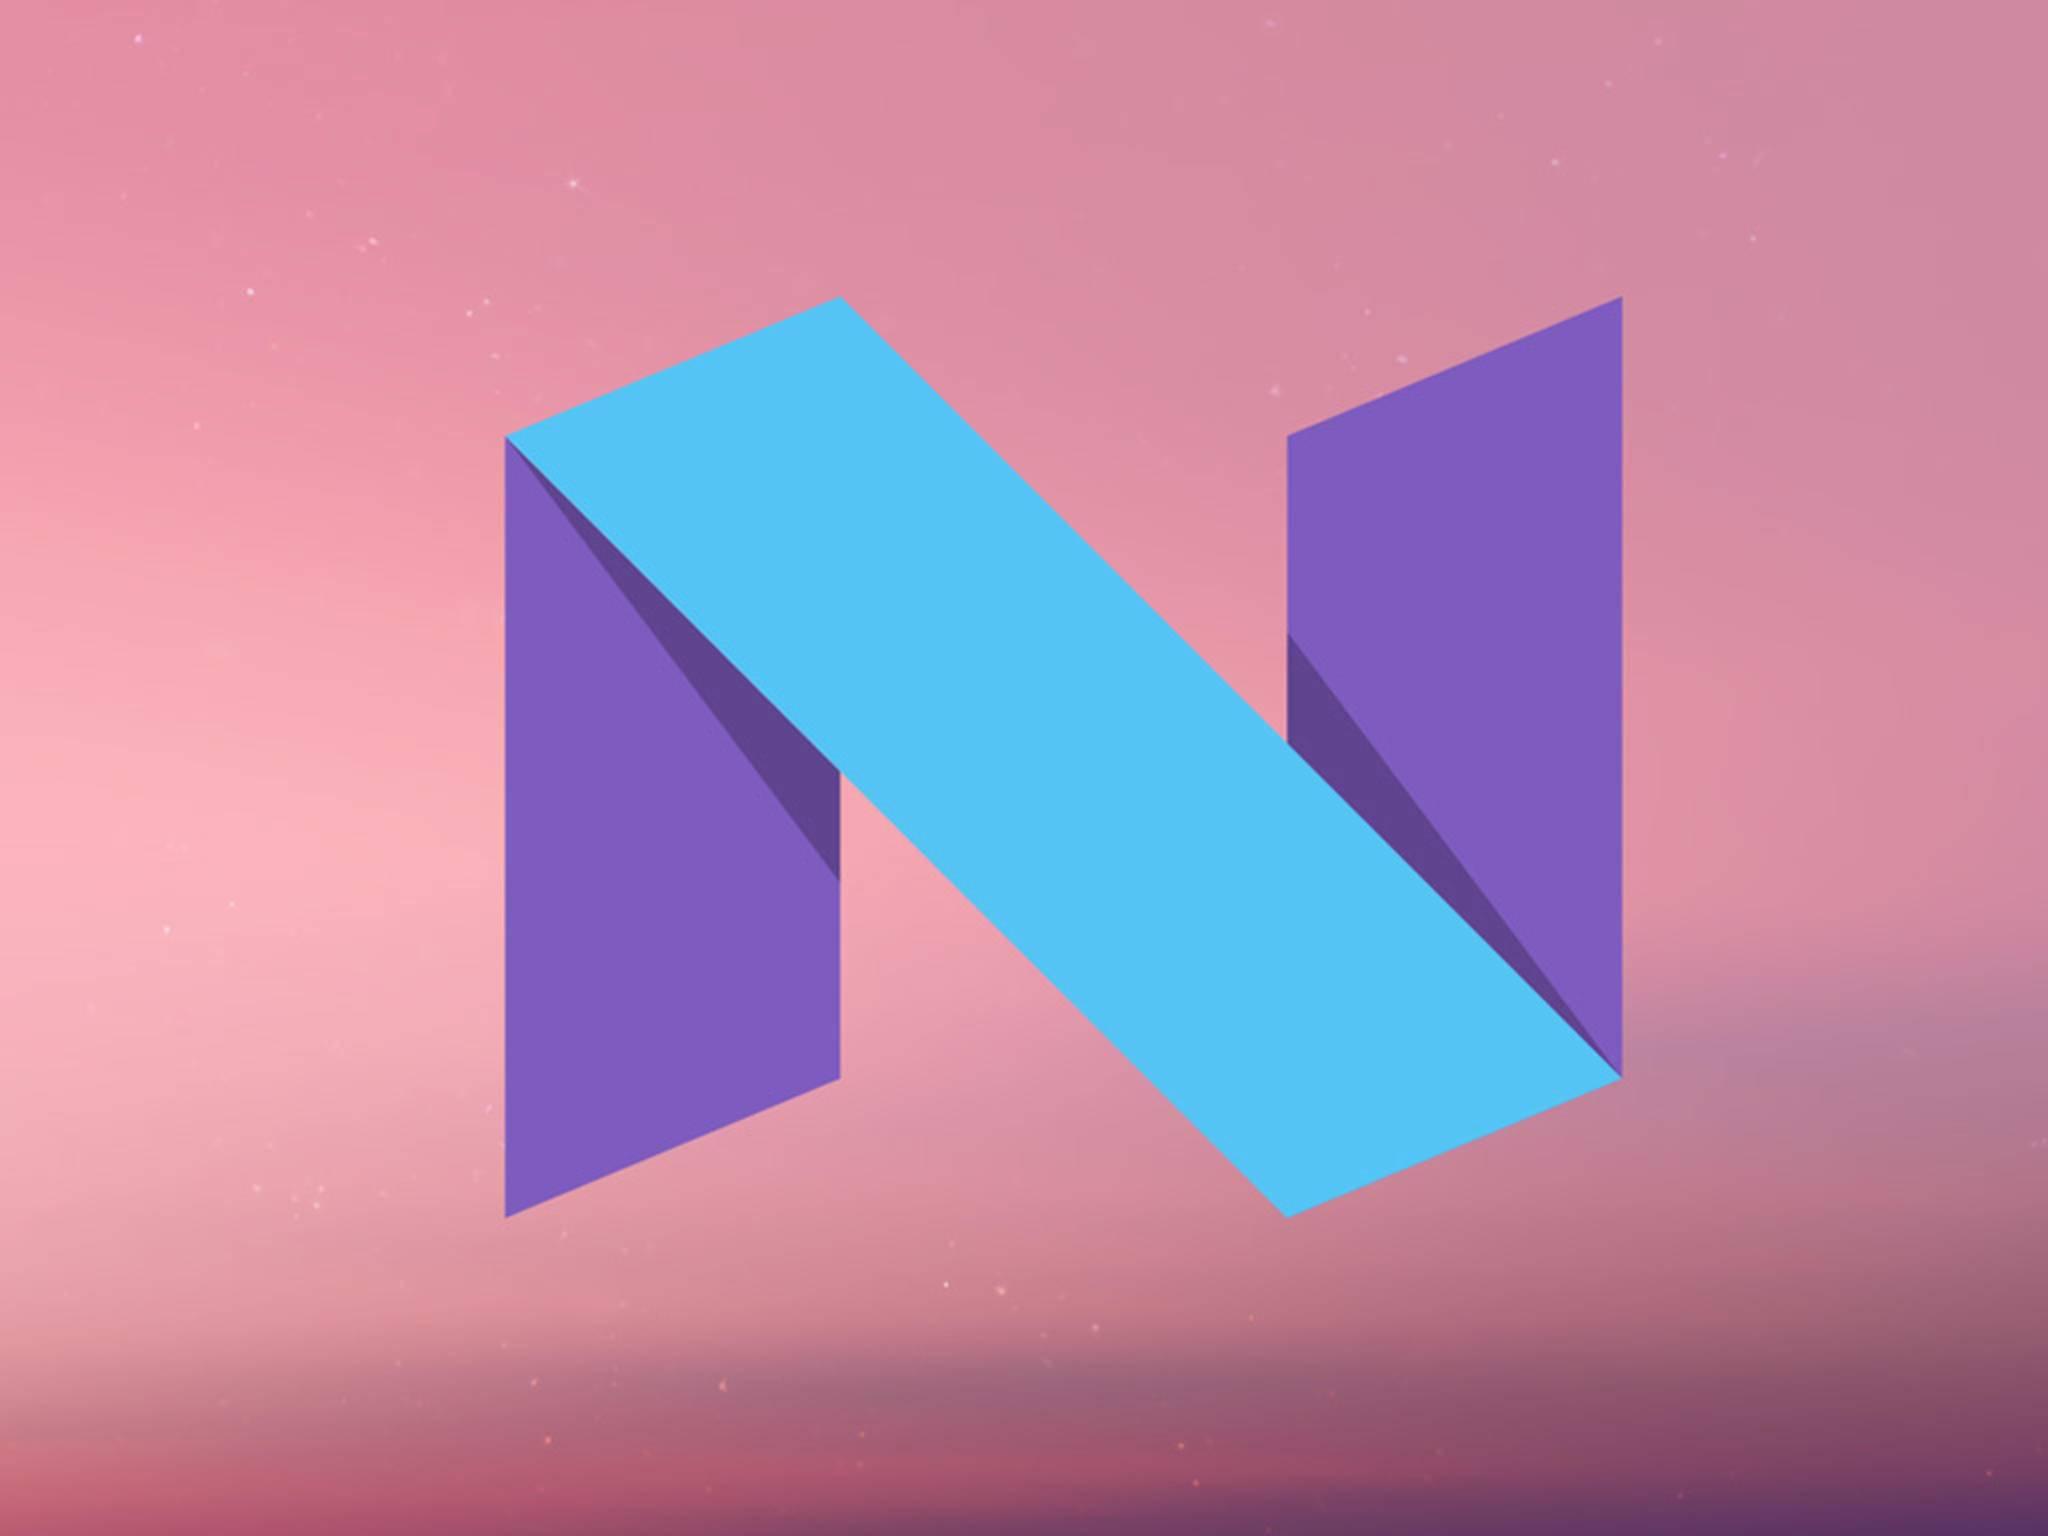 Android N wird wohl beim Release noch kein 3D Touch unterstützen.